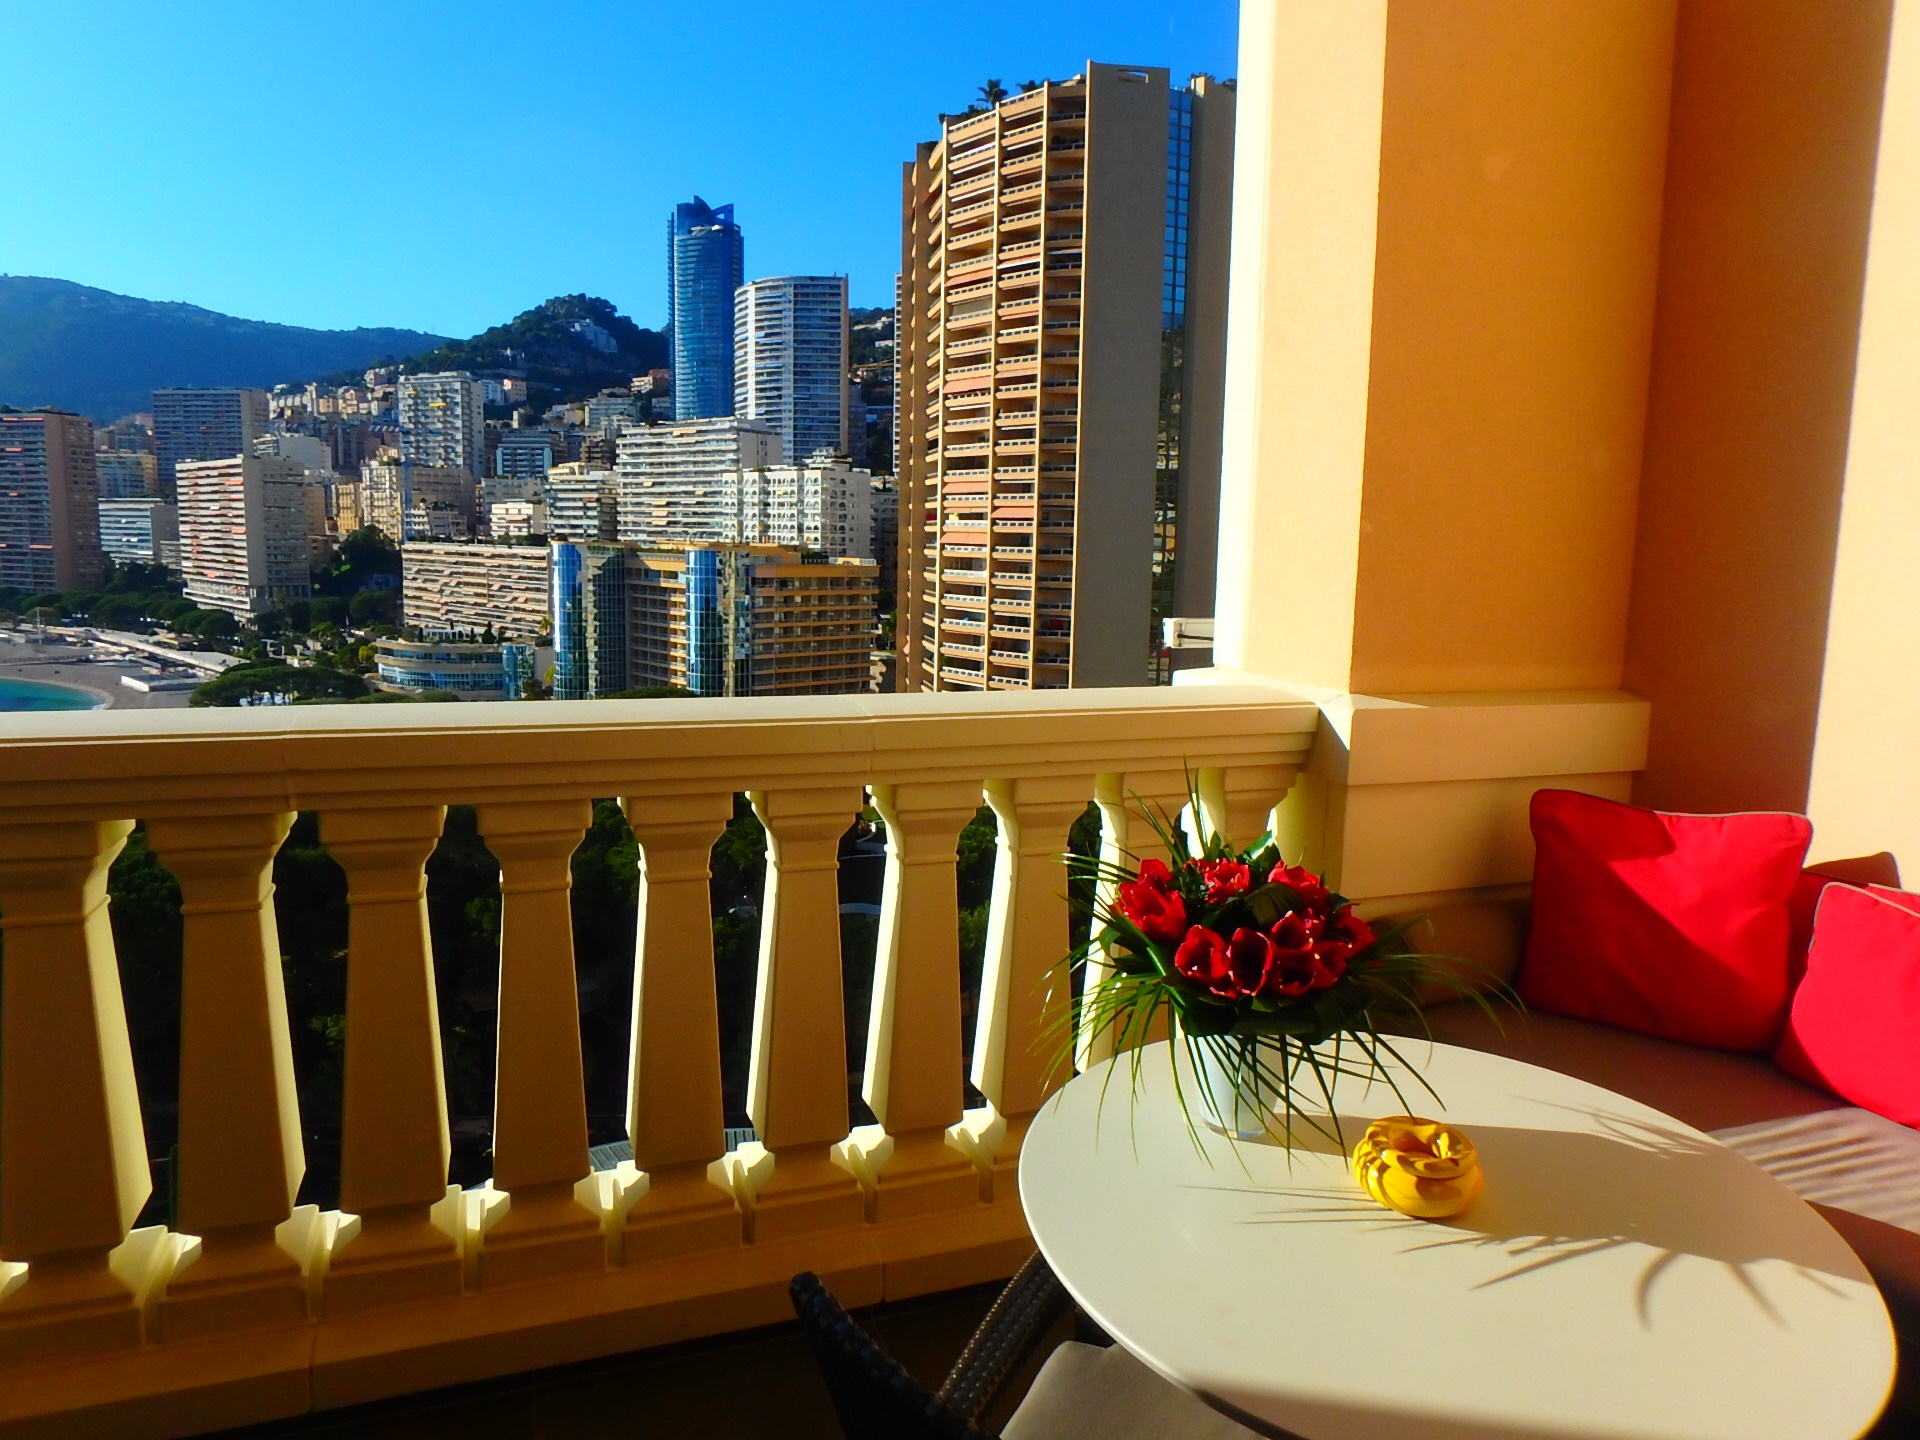 モナコ モンテカルロベイ ホテル スイートルーム